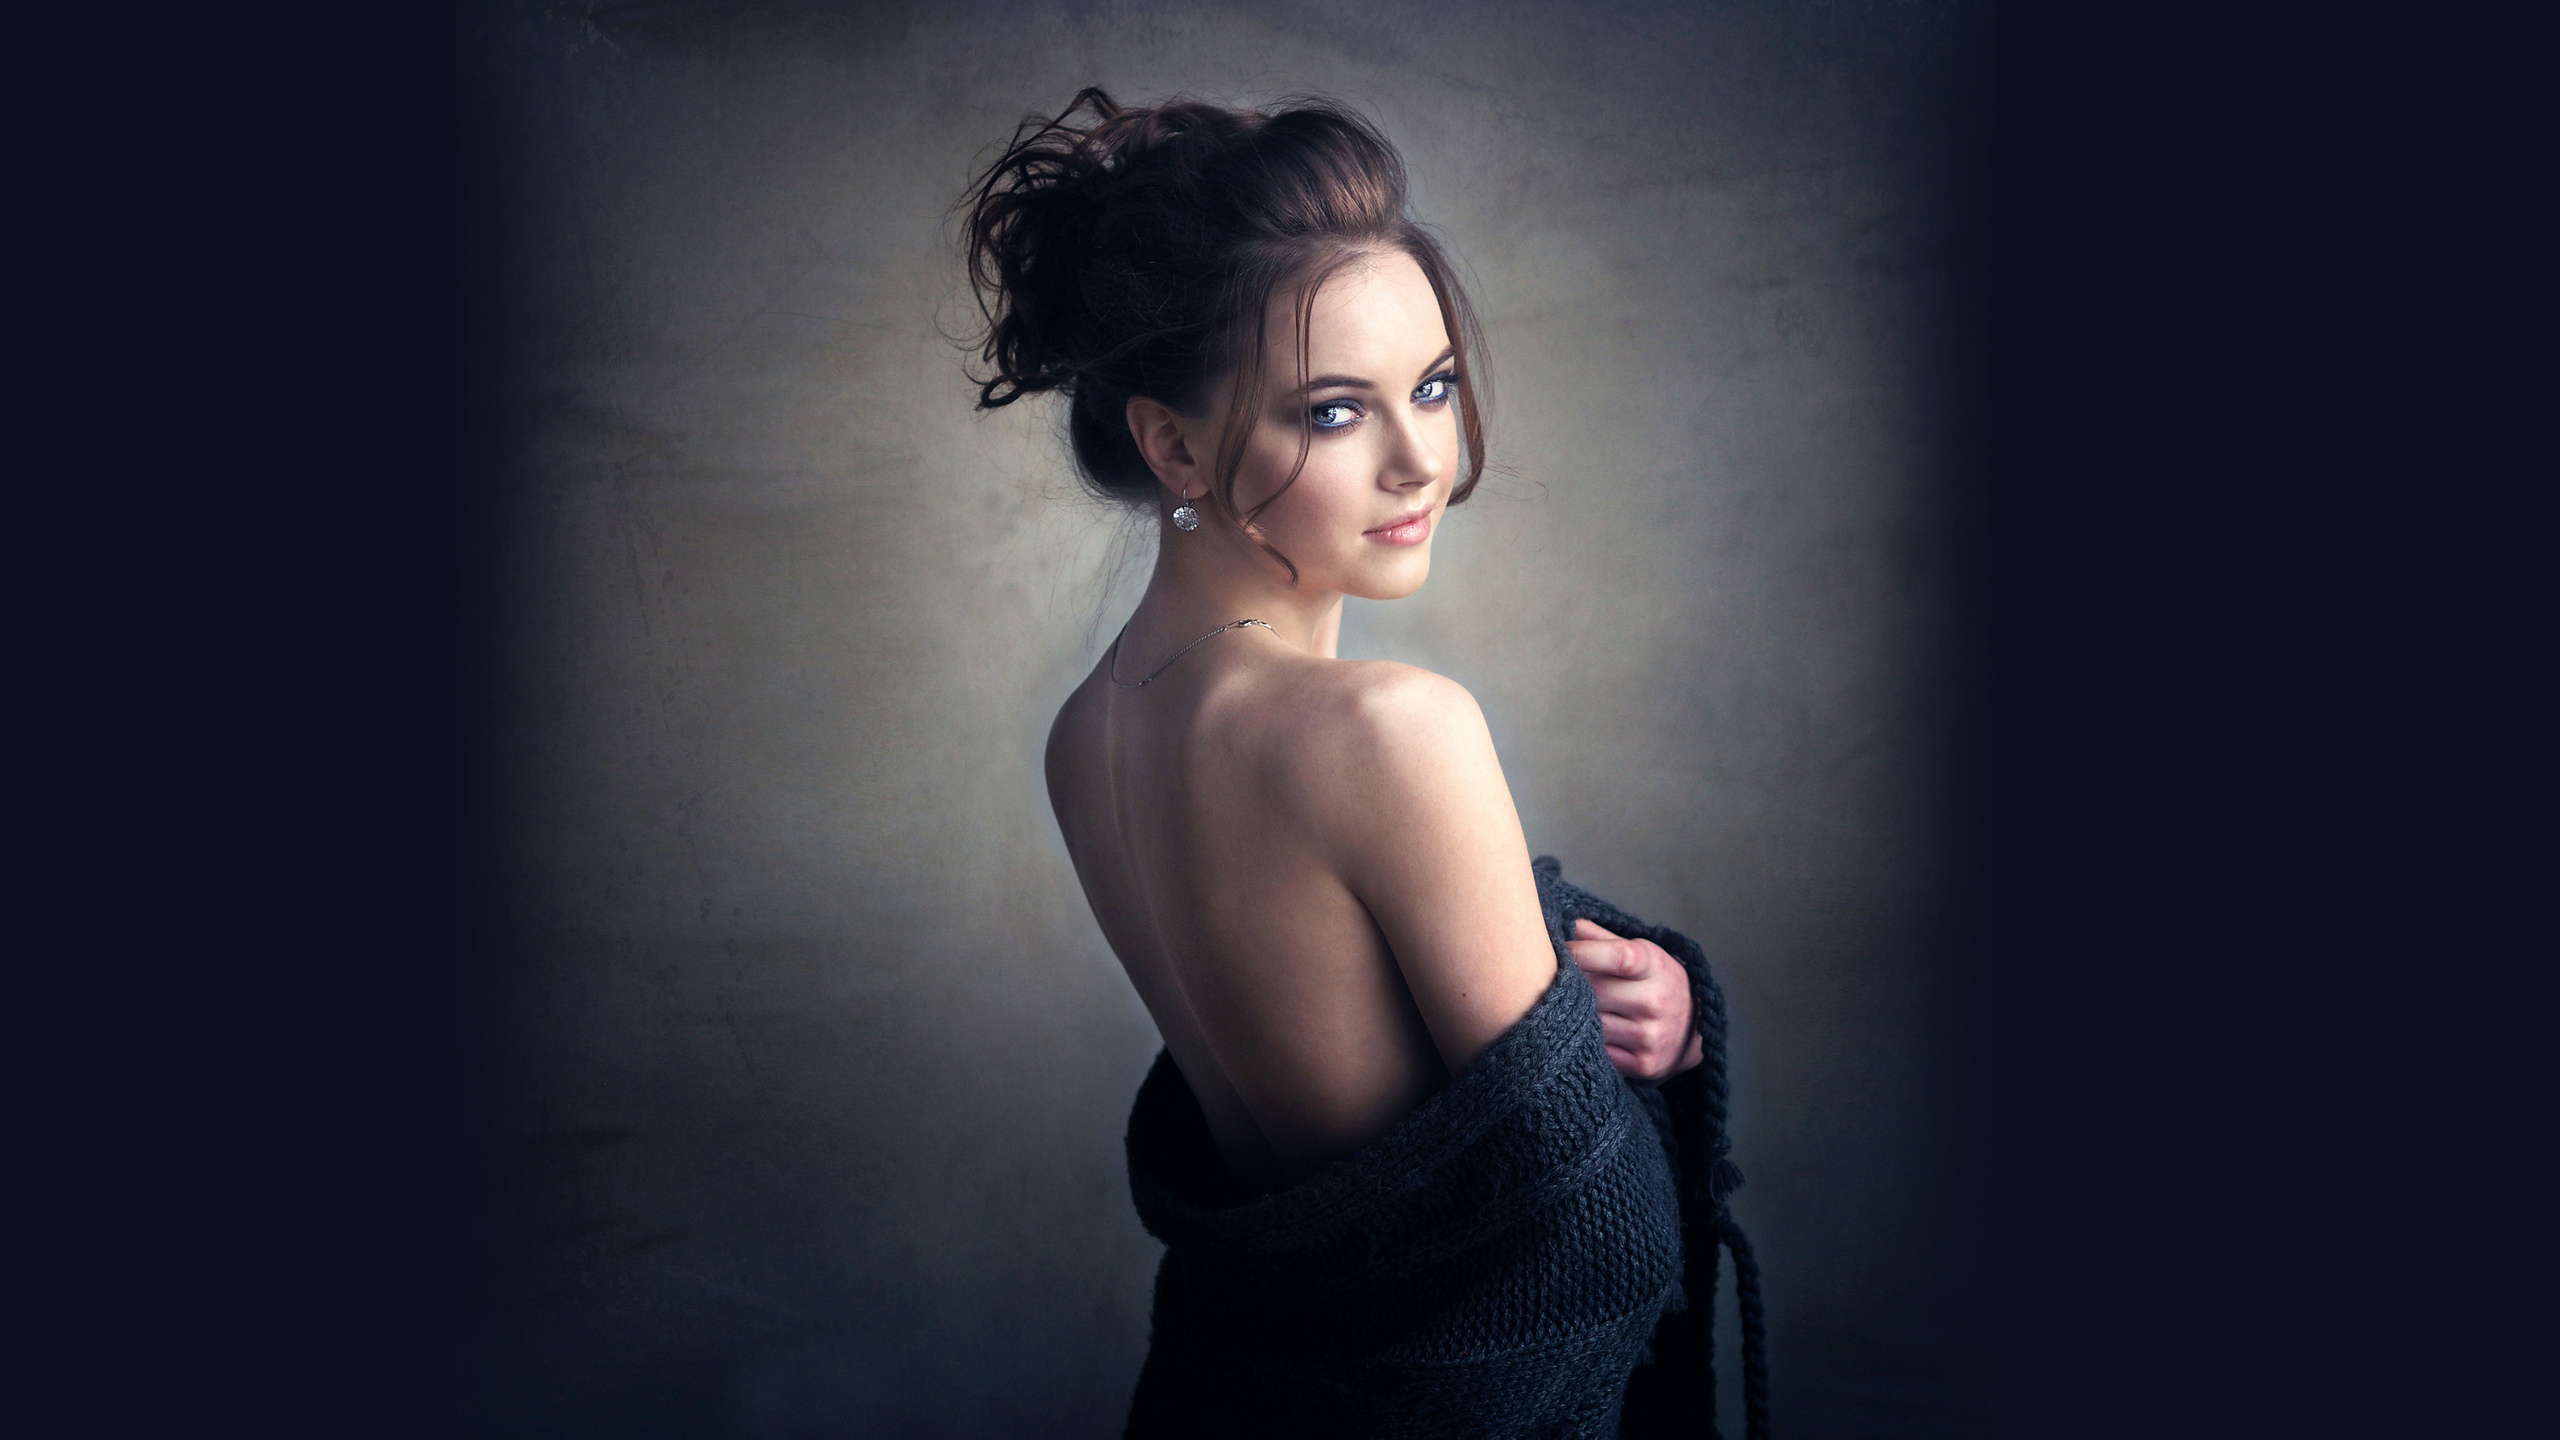 девушка, позирует, глаза, прическа, обнаженные плечи, красивая